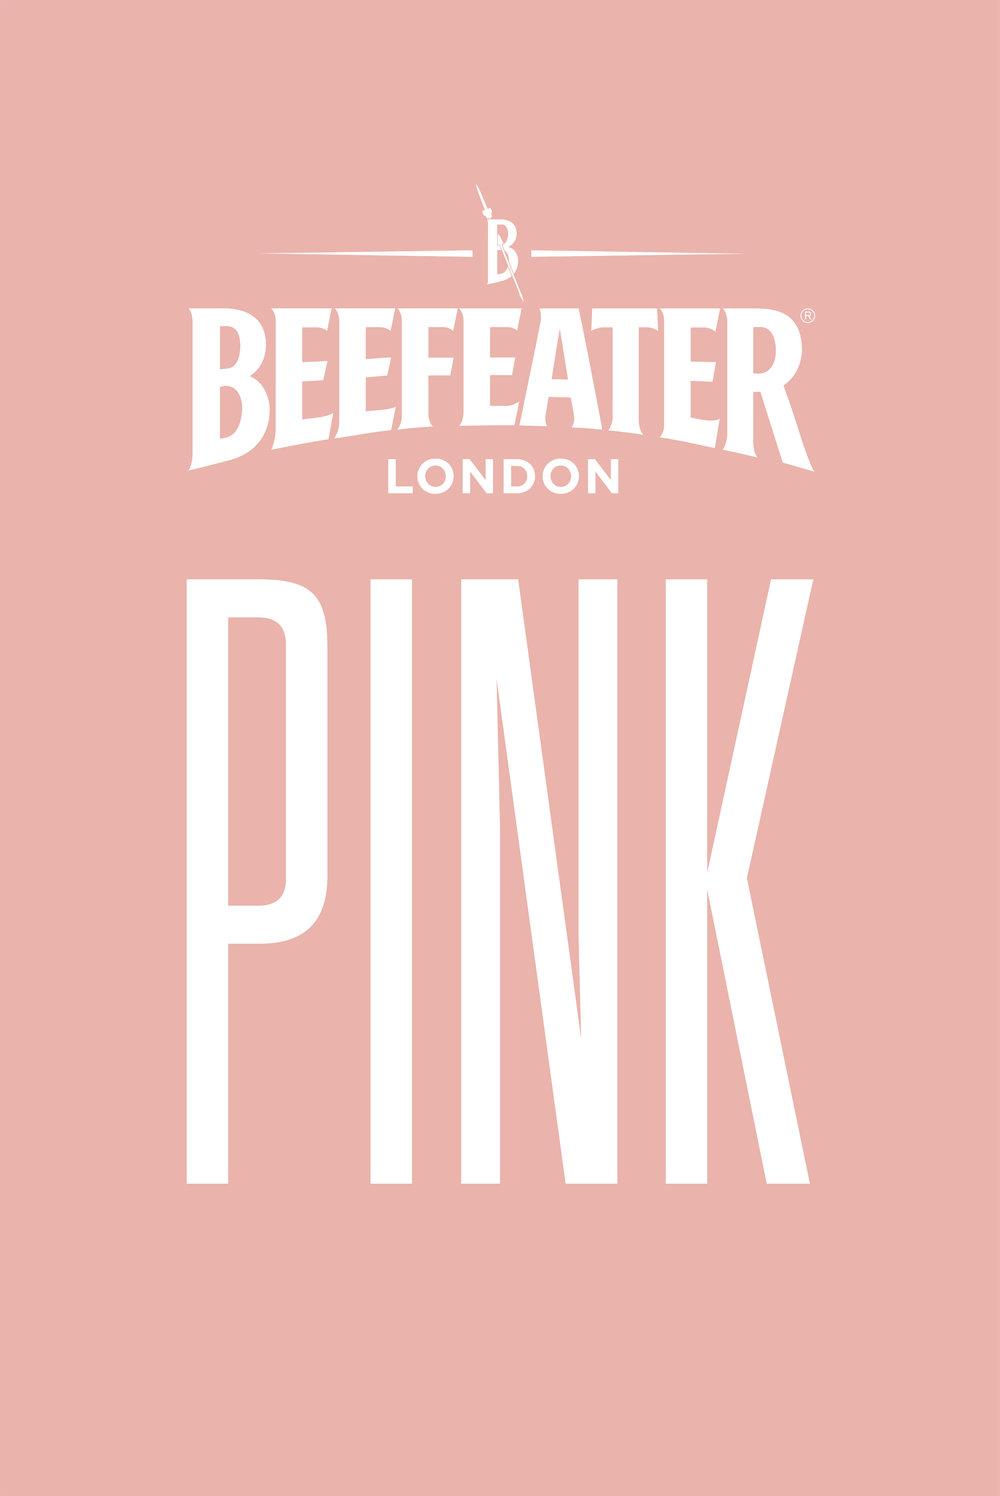 Beefeater Pink Logo.jpg